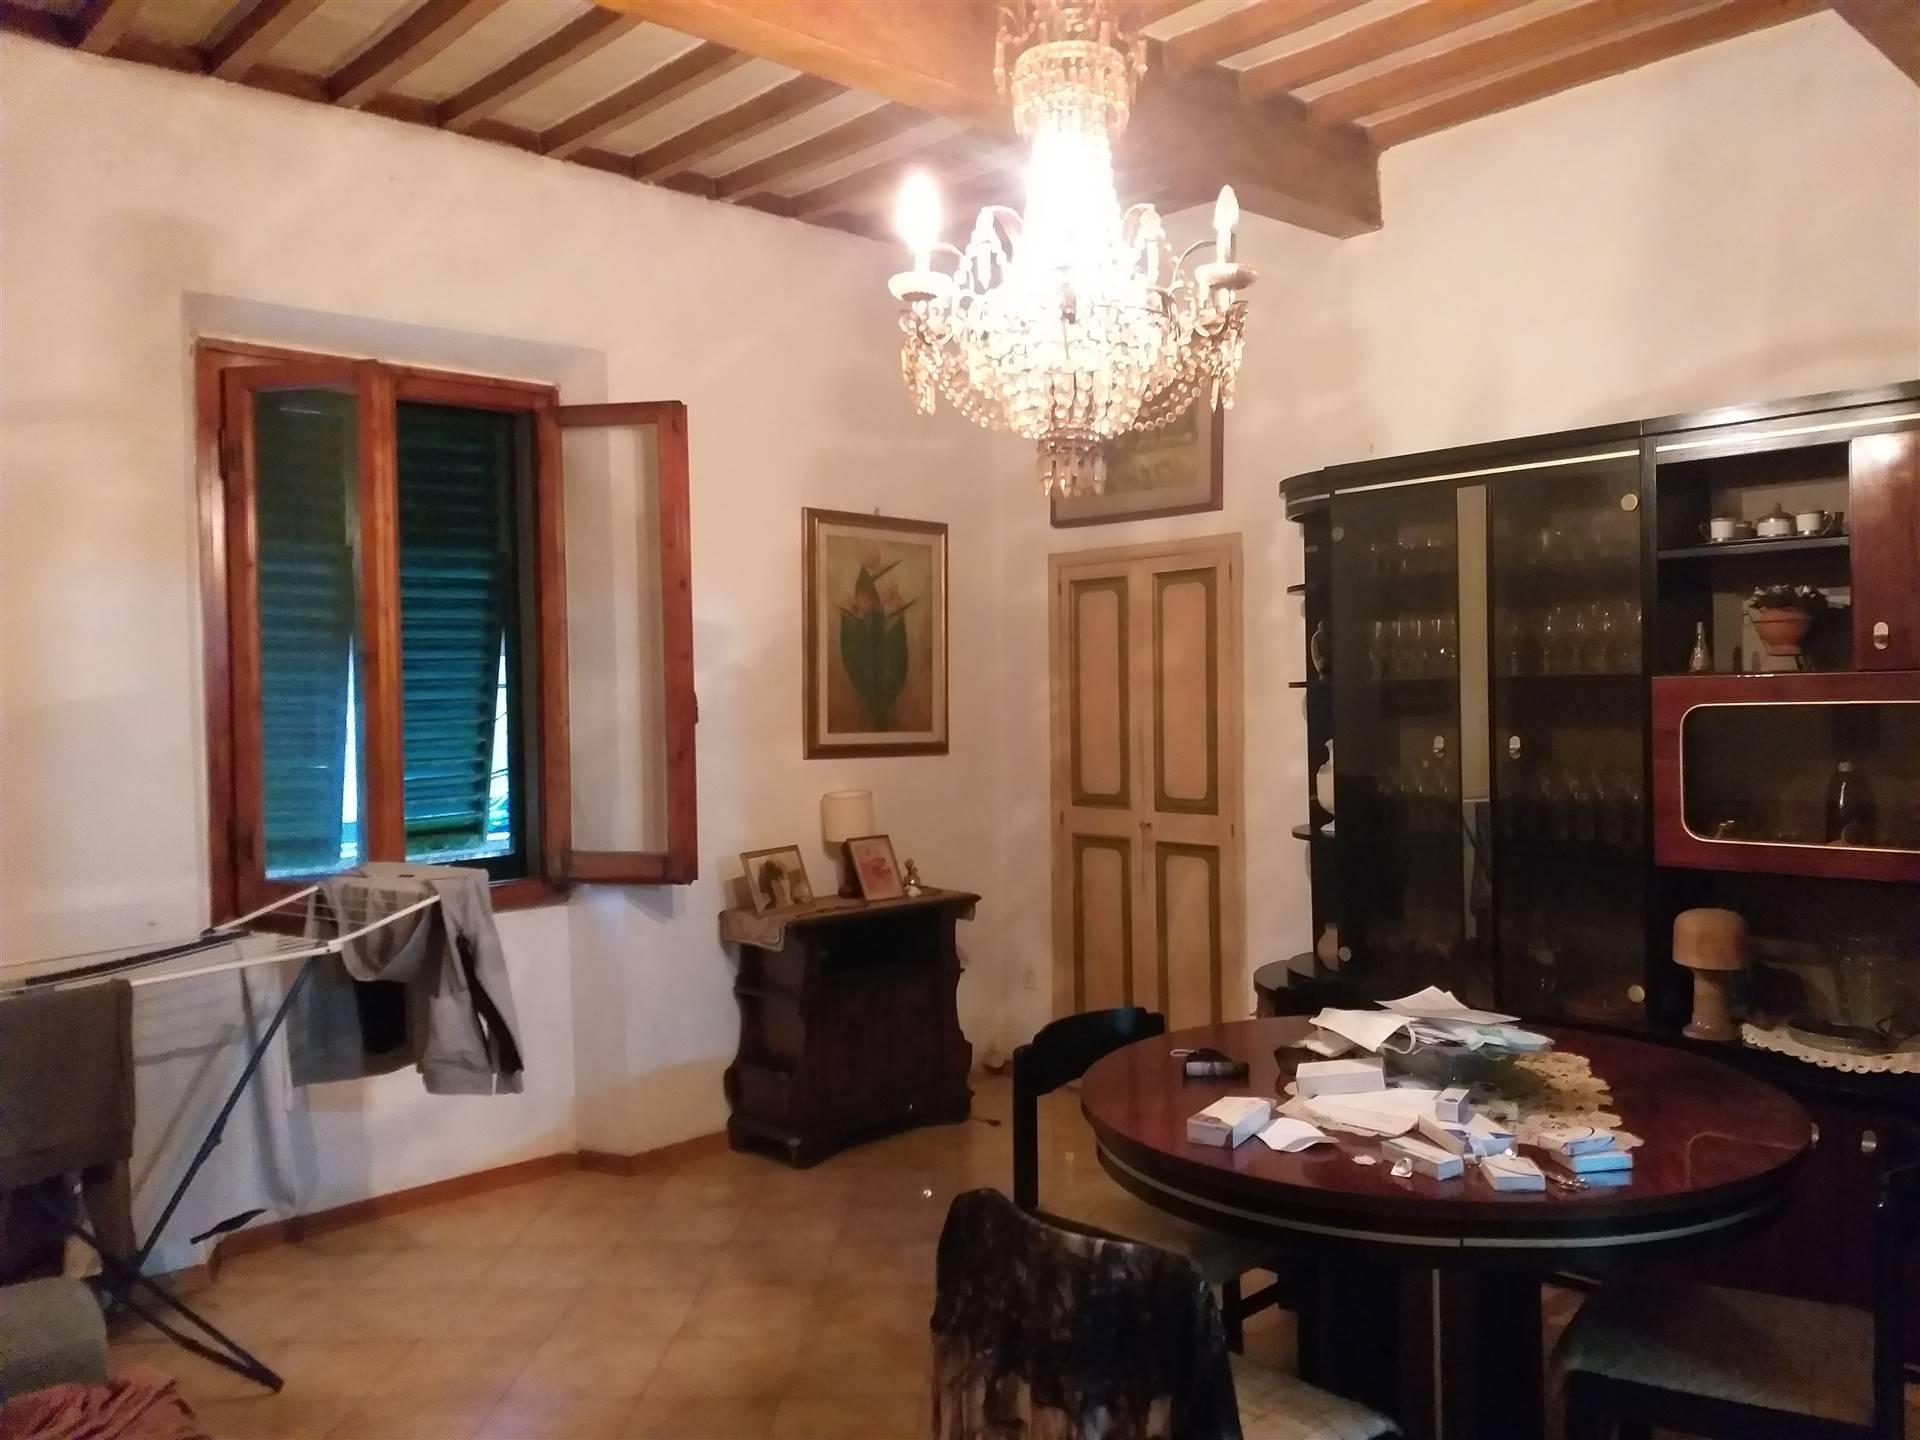 Soluzione Indipendente in vendita a Lastra a Signa, 9 locali, zona Zona: Ponte a Signa, prezzo € 360.000   CambioCasa.it